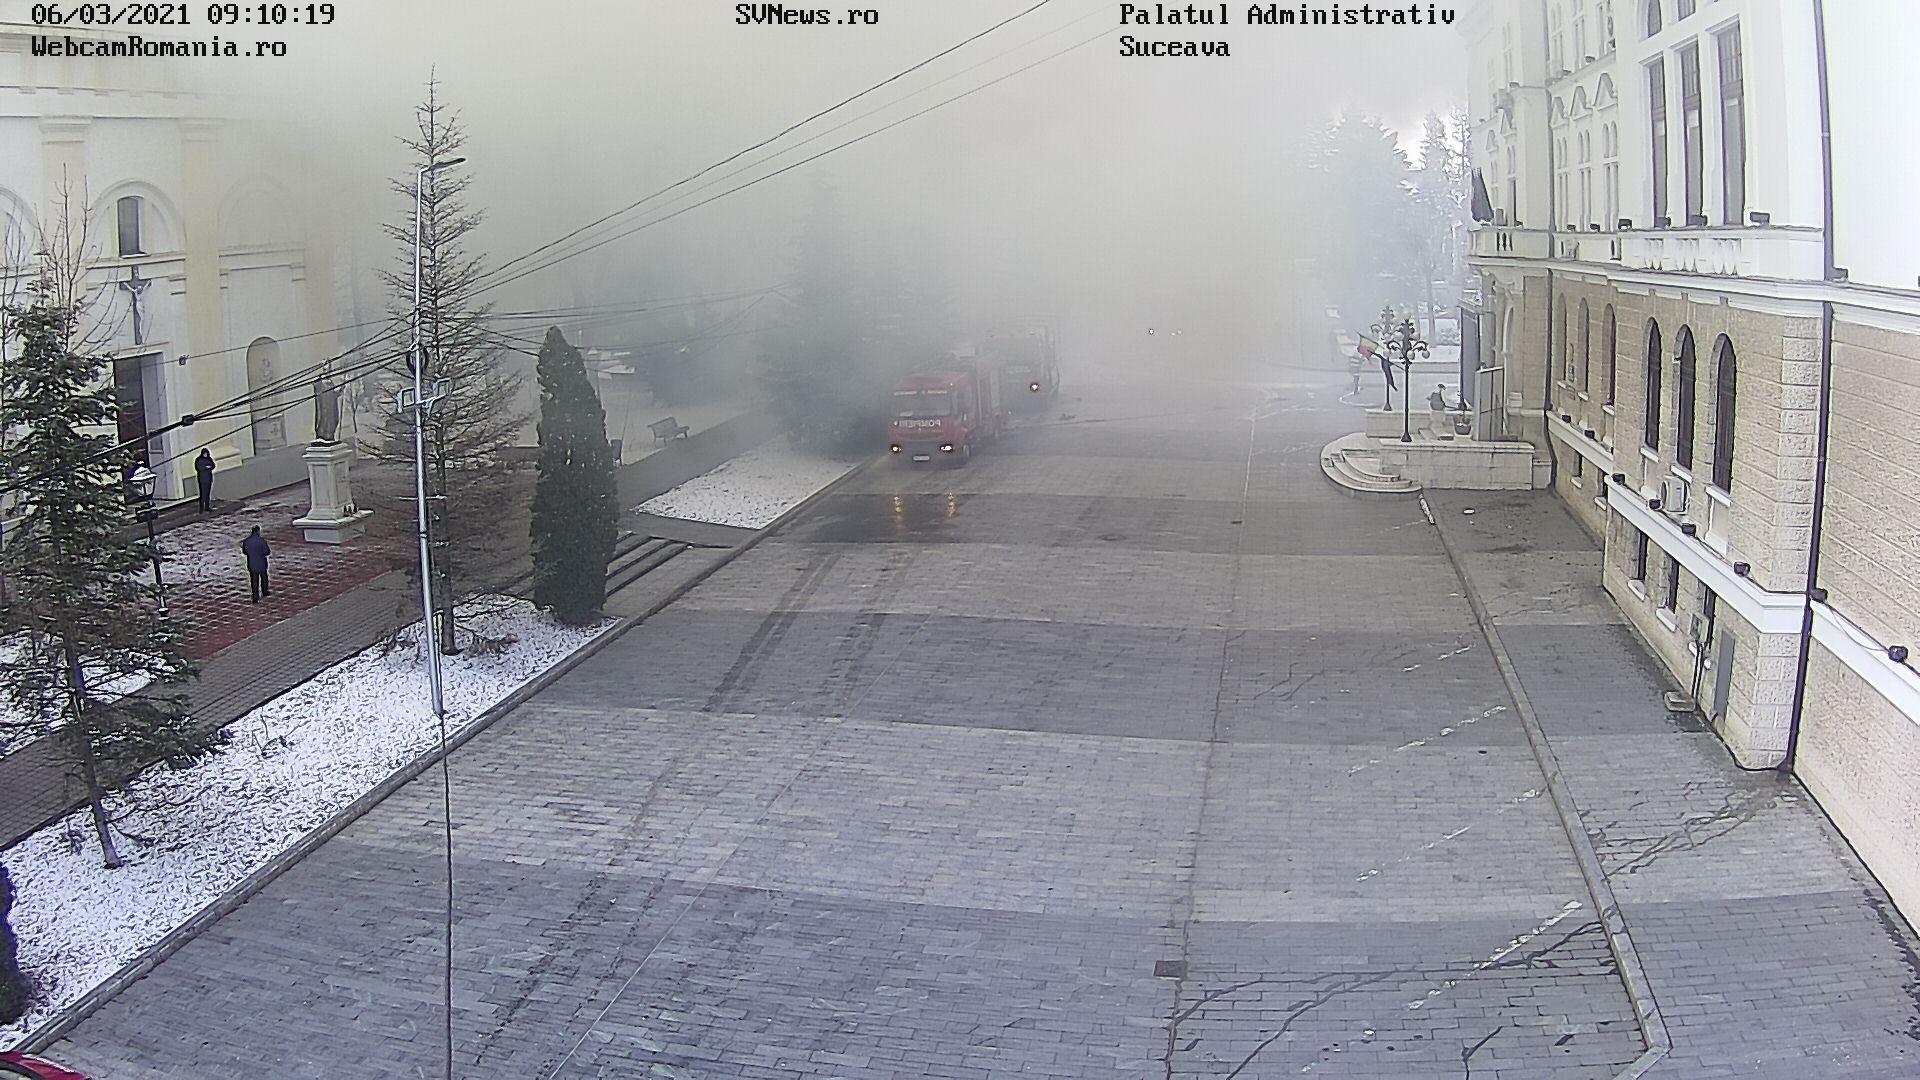 Webcam Suceava: Webcam − Palatul administrativ